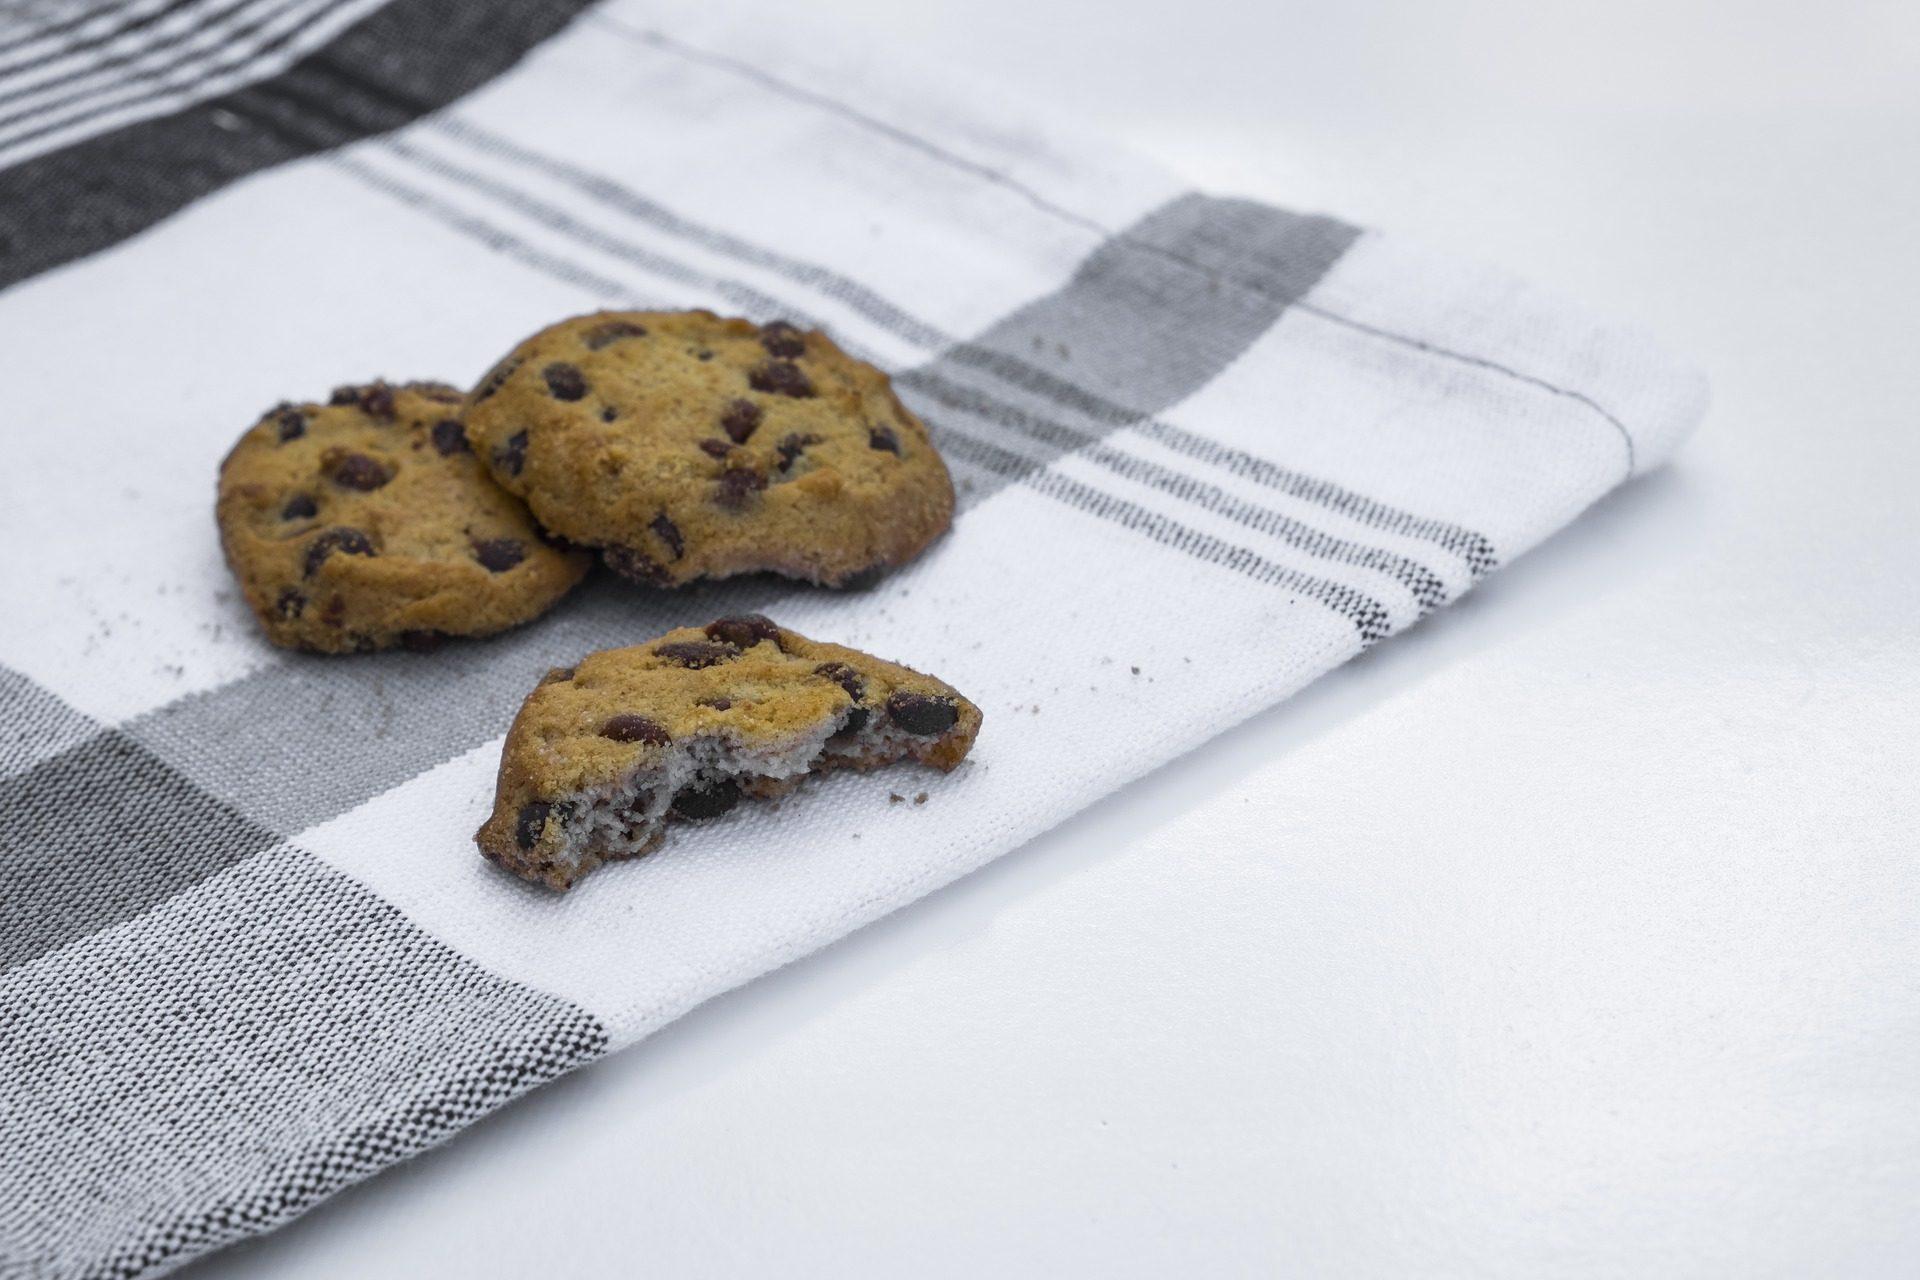 饼干, 餐巾, 布, 桌布, 一半, 巧克力 - 高清壁纸 - 教授-falken.com